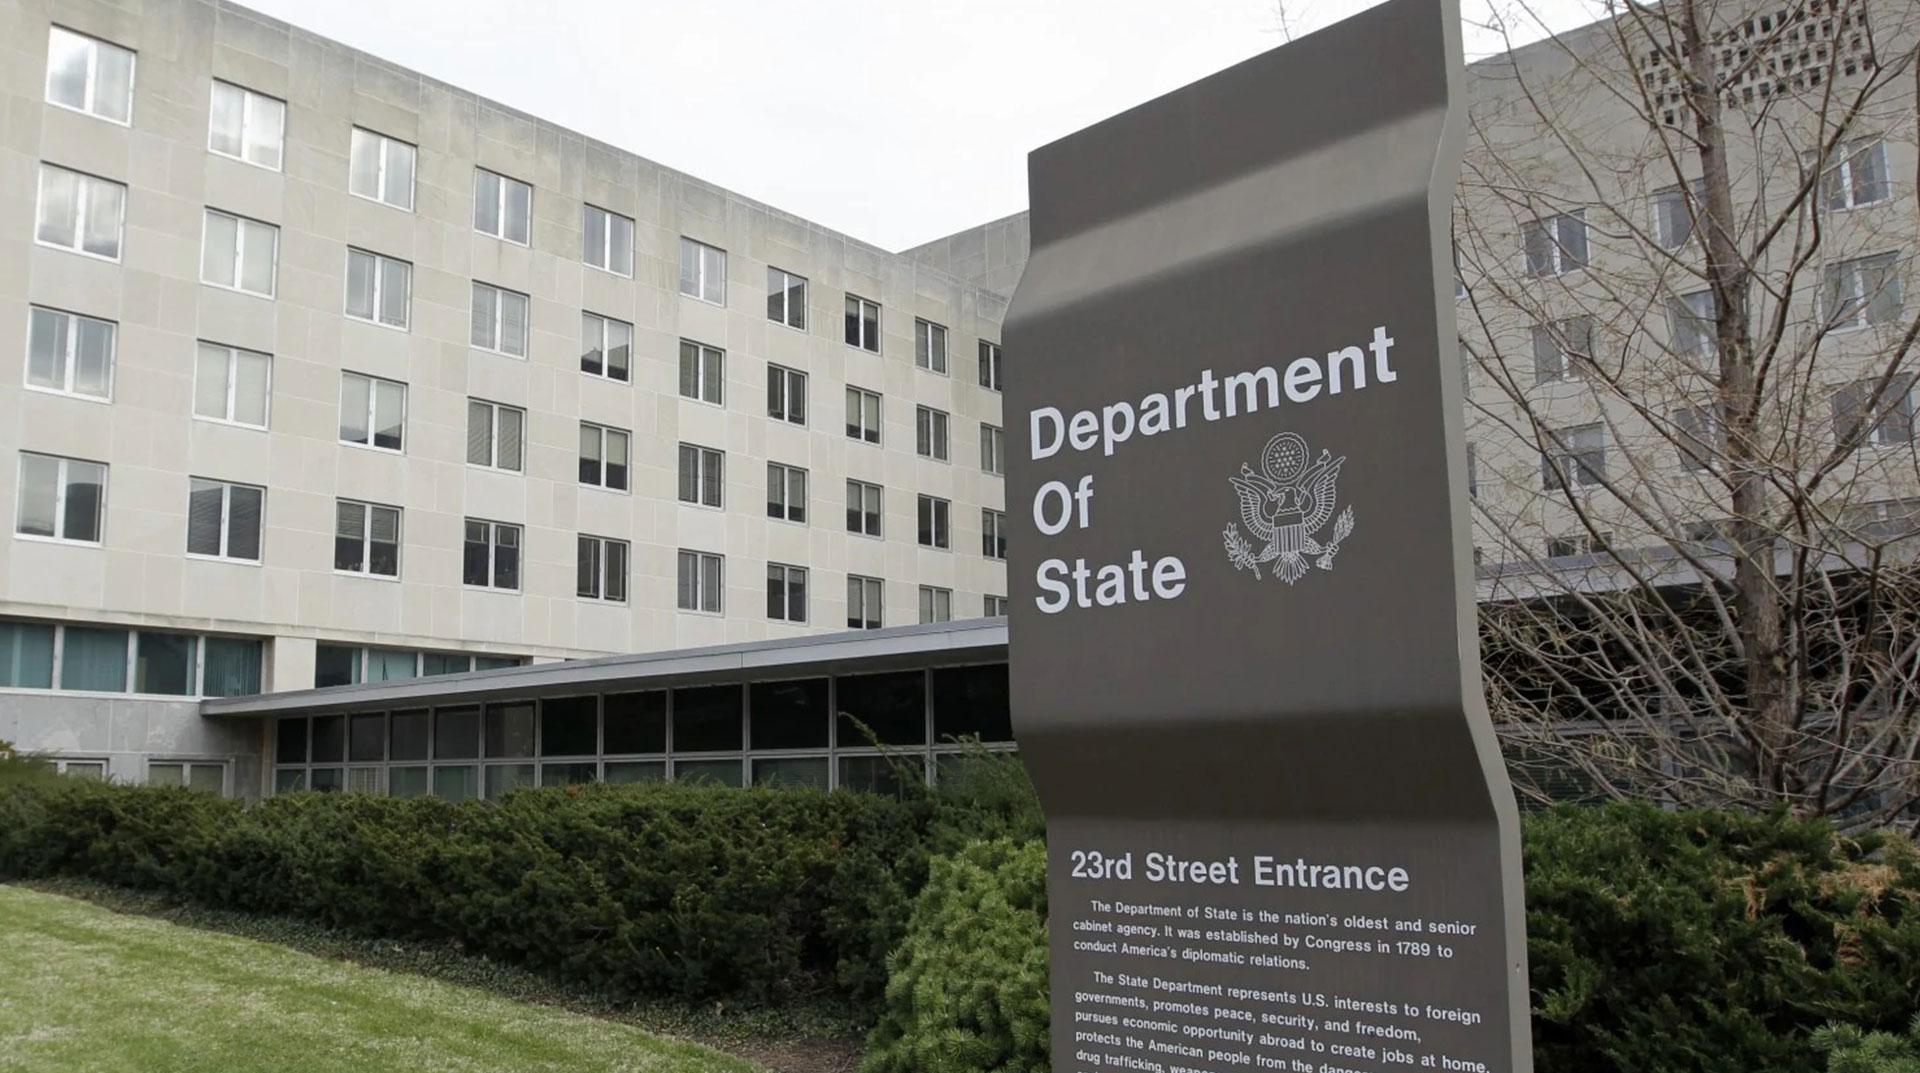 ABD İnsan Hakları Raporu Yayımlandı